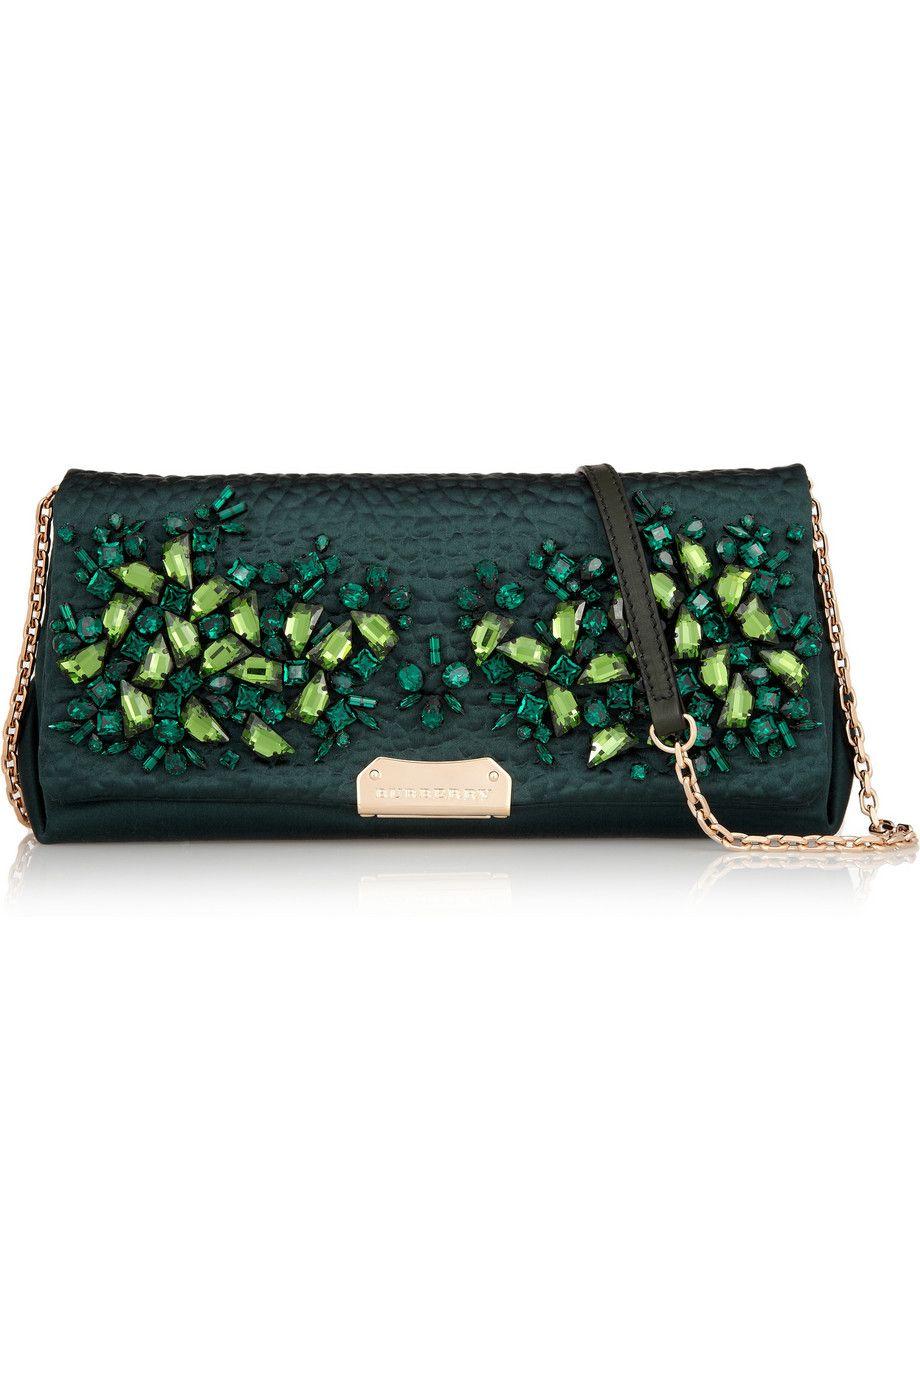 Burberry Shoes   Accessories   Crystal-embellished satin shoulder bag    NET-A-PORTER.COM f676d94926